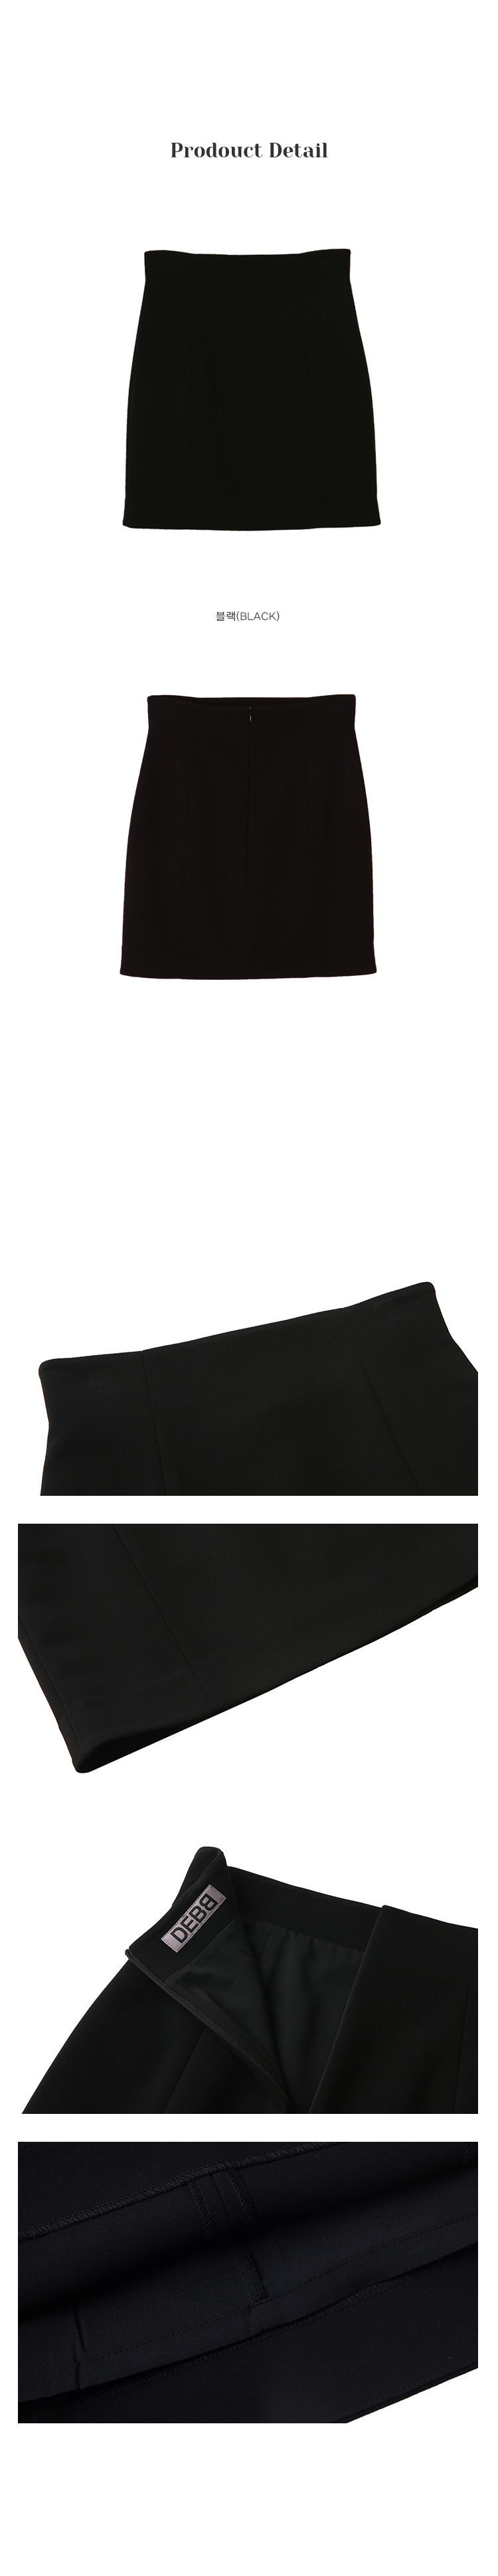 뎁(DEBB) [DACMA7006M] 하이웨스트 미니 스커트